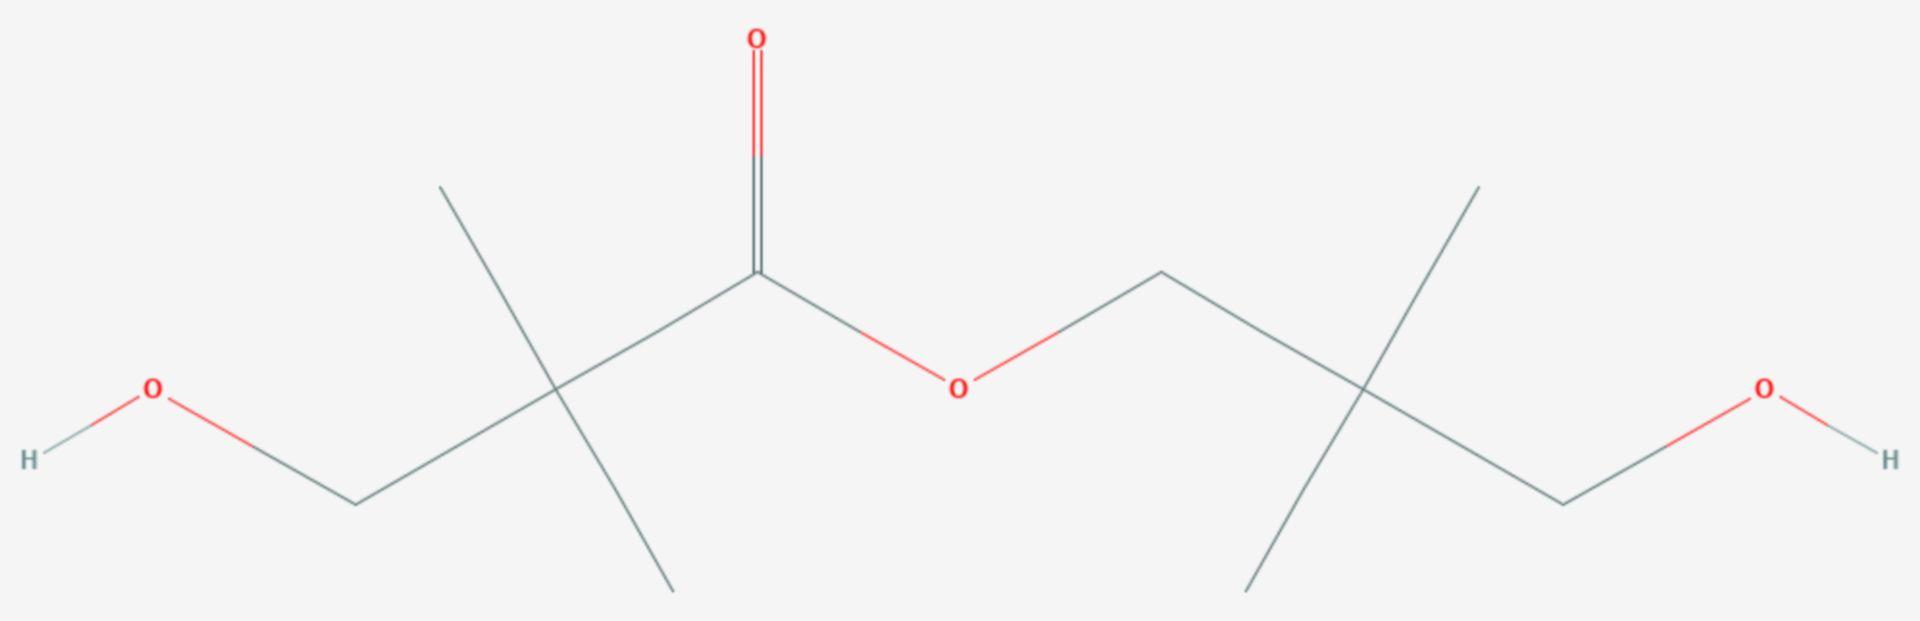 Hydroxypivalinsäureneopentylglycolester (Strukturformel)